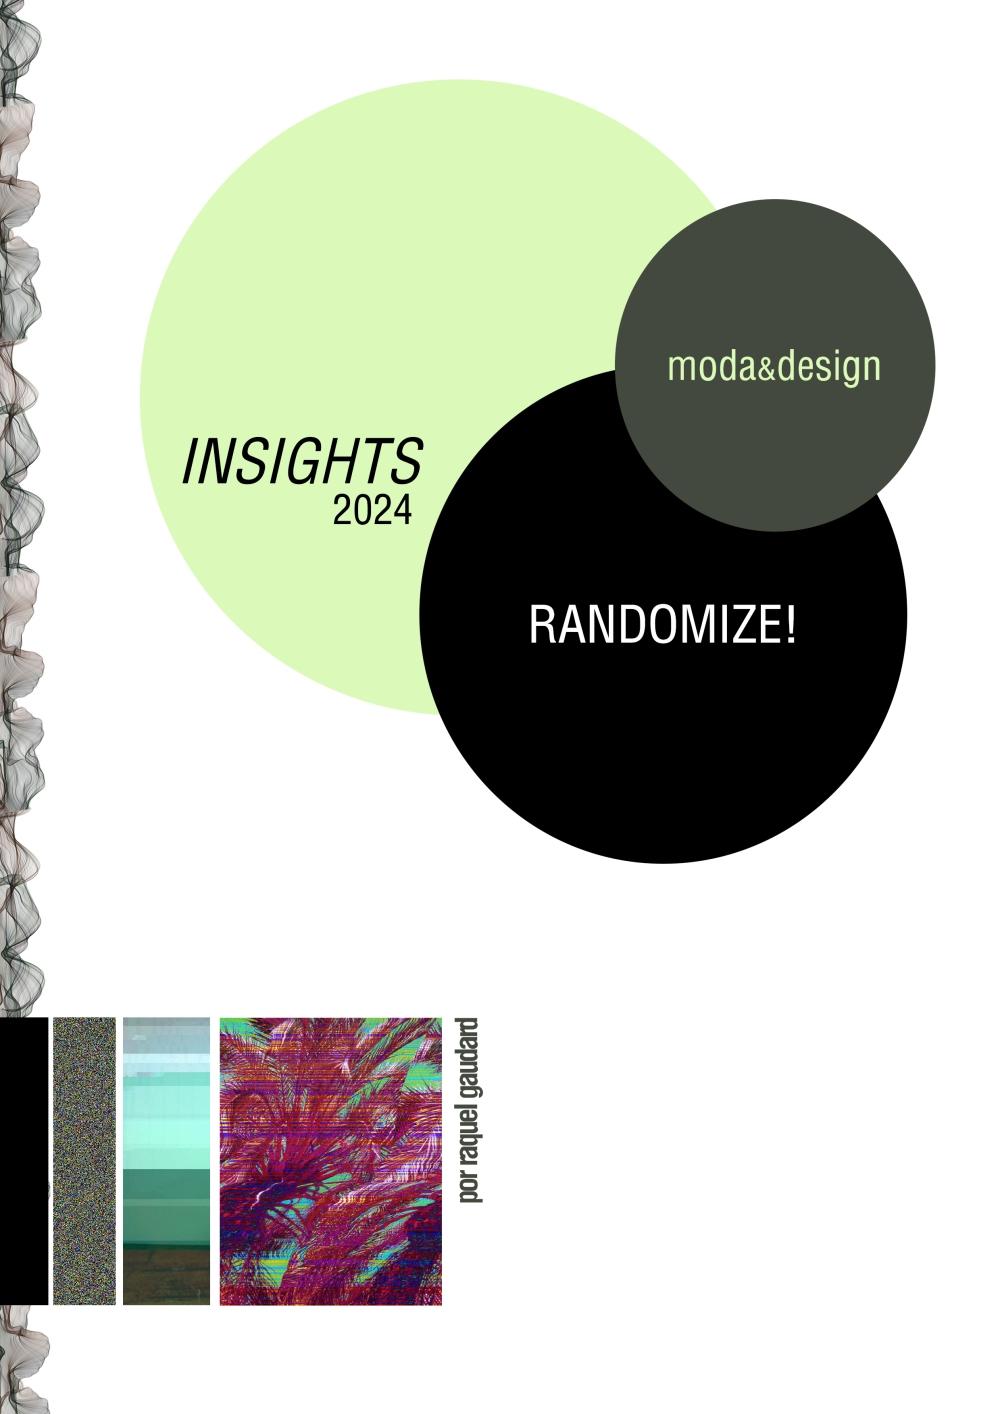 Randomize!